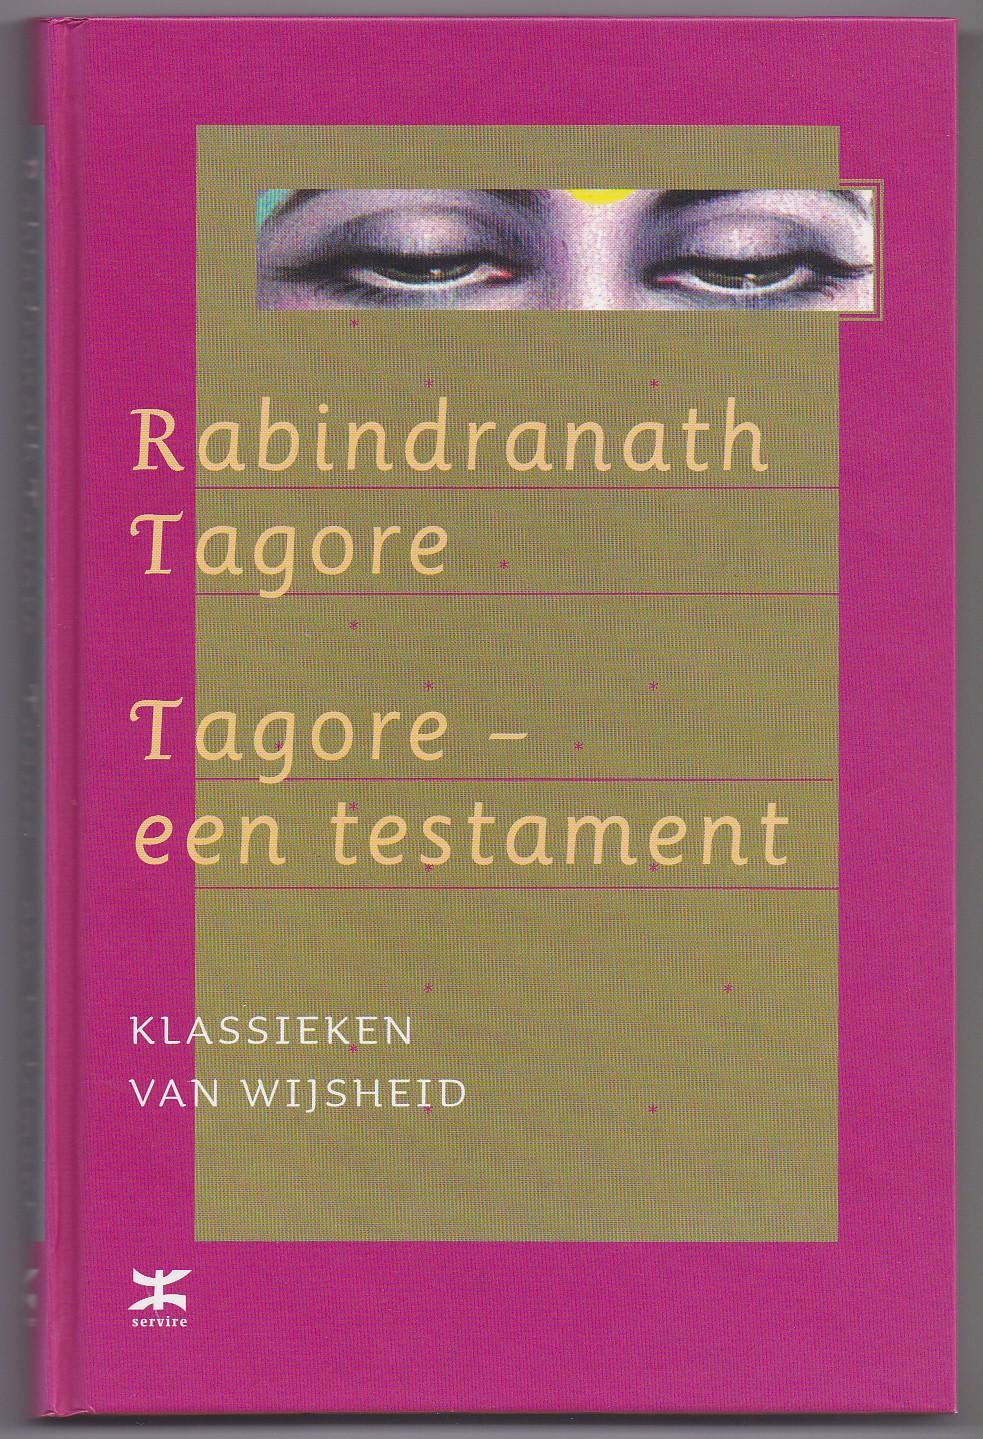 TAGORE, RABINDRANATH - Tagore - Een testament. Uit het oorspronkelijke Bengaals vertaald door Indu Dutt